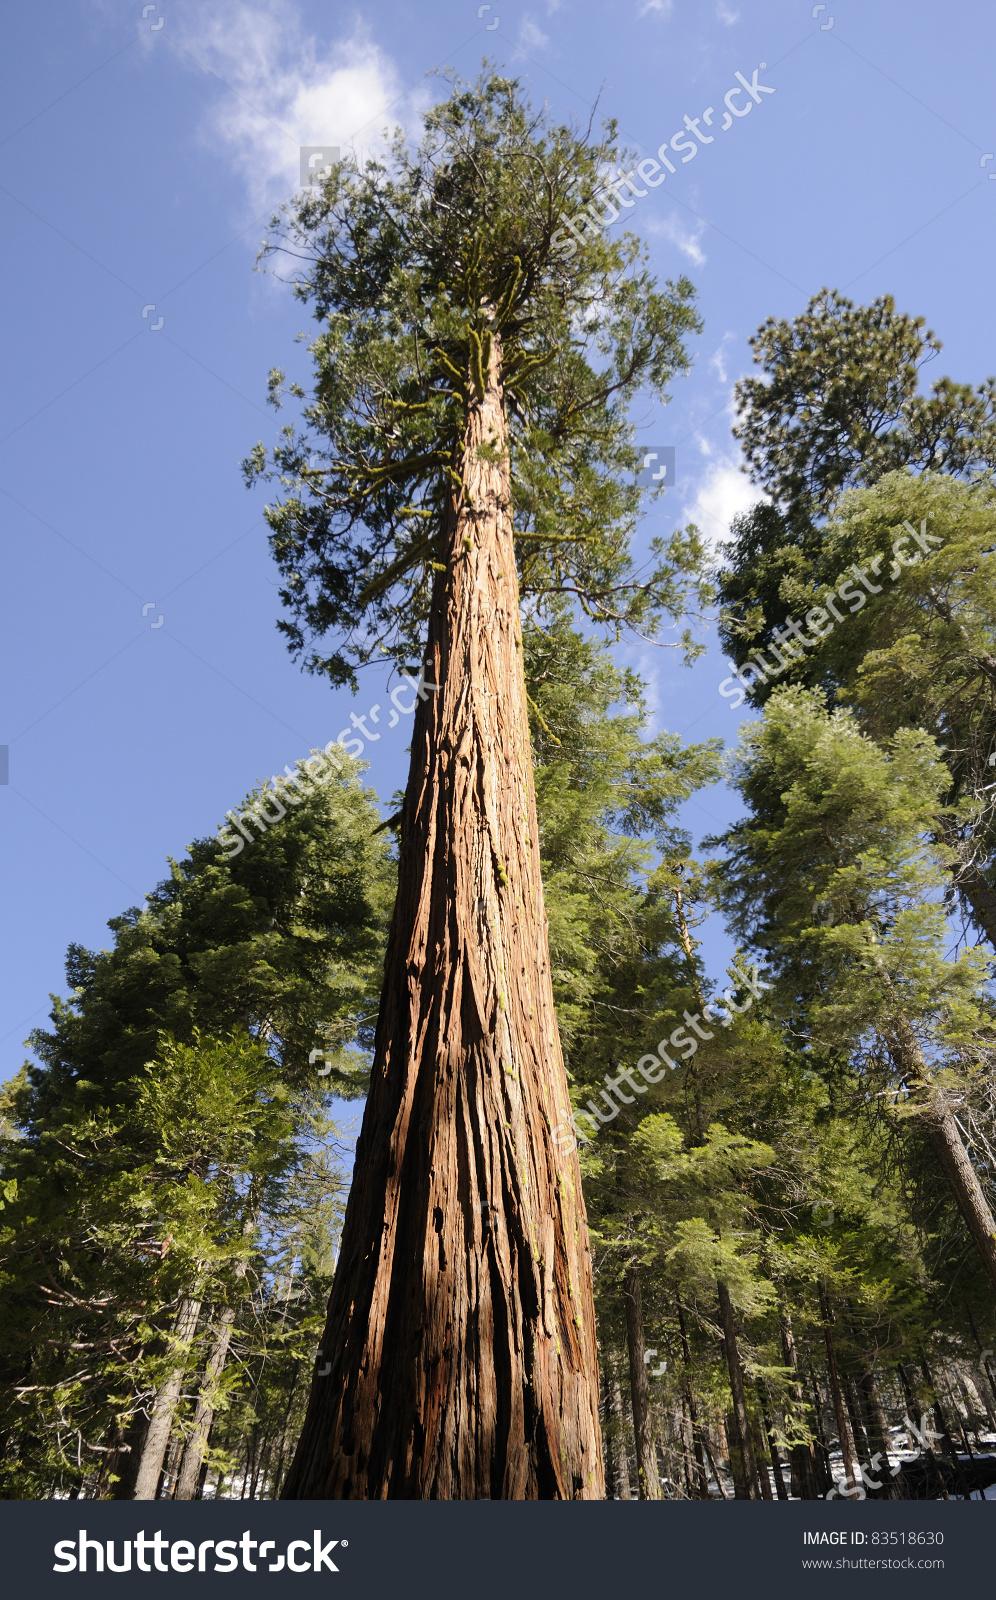 Giant Sequoia Trees California Stock Photo 83518630.